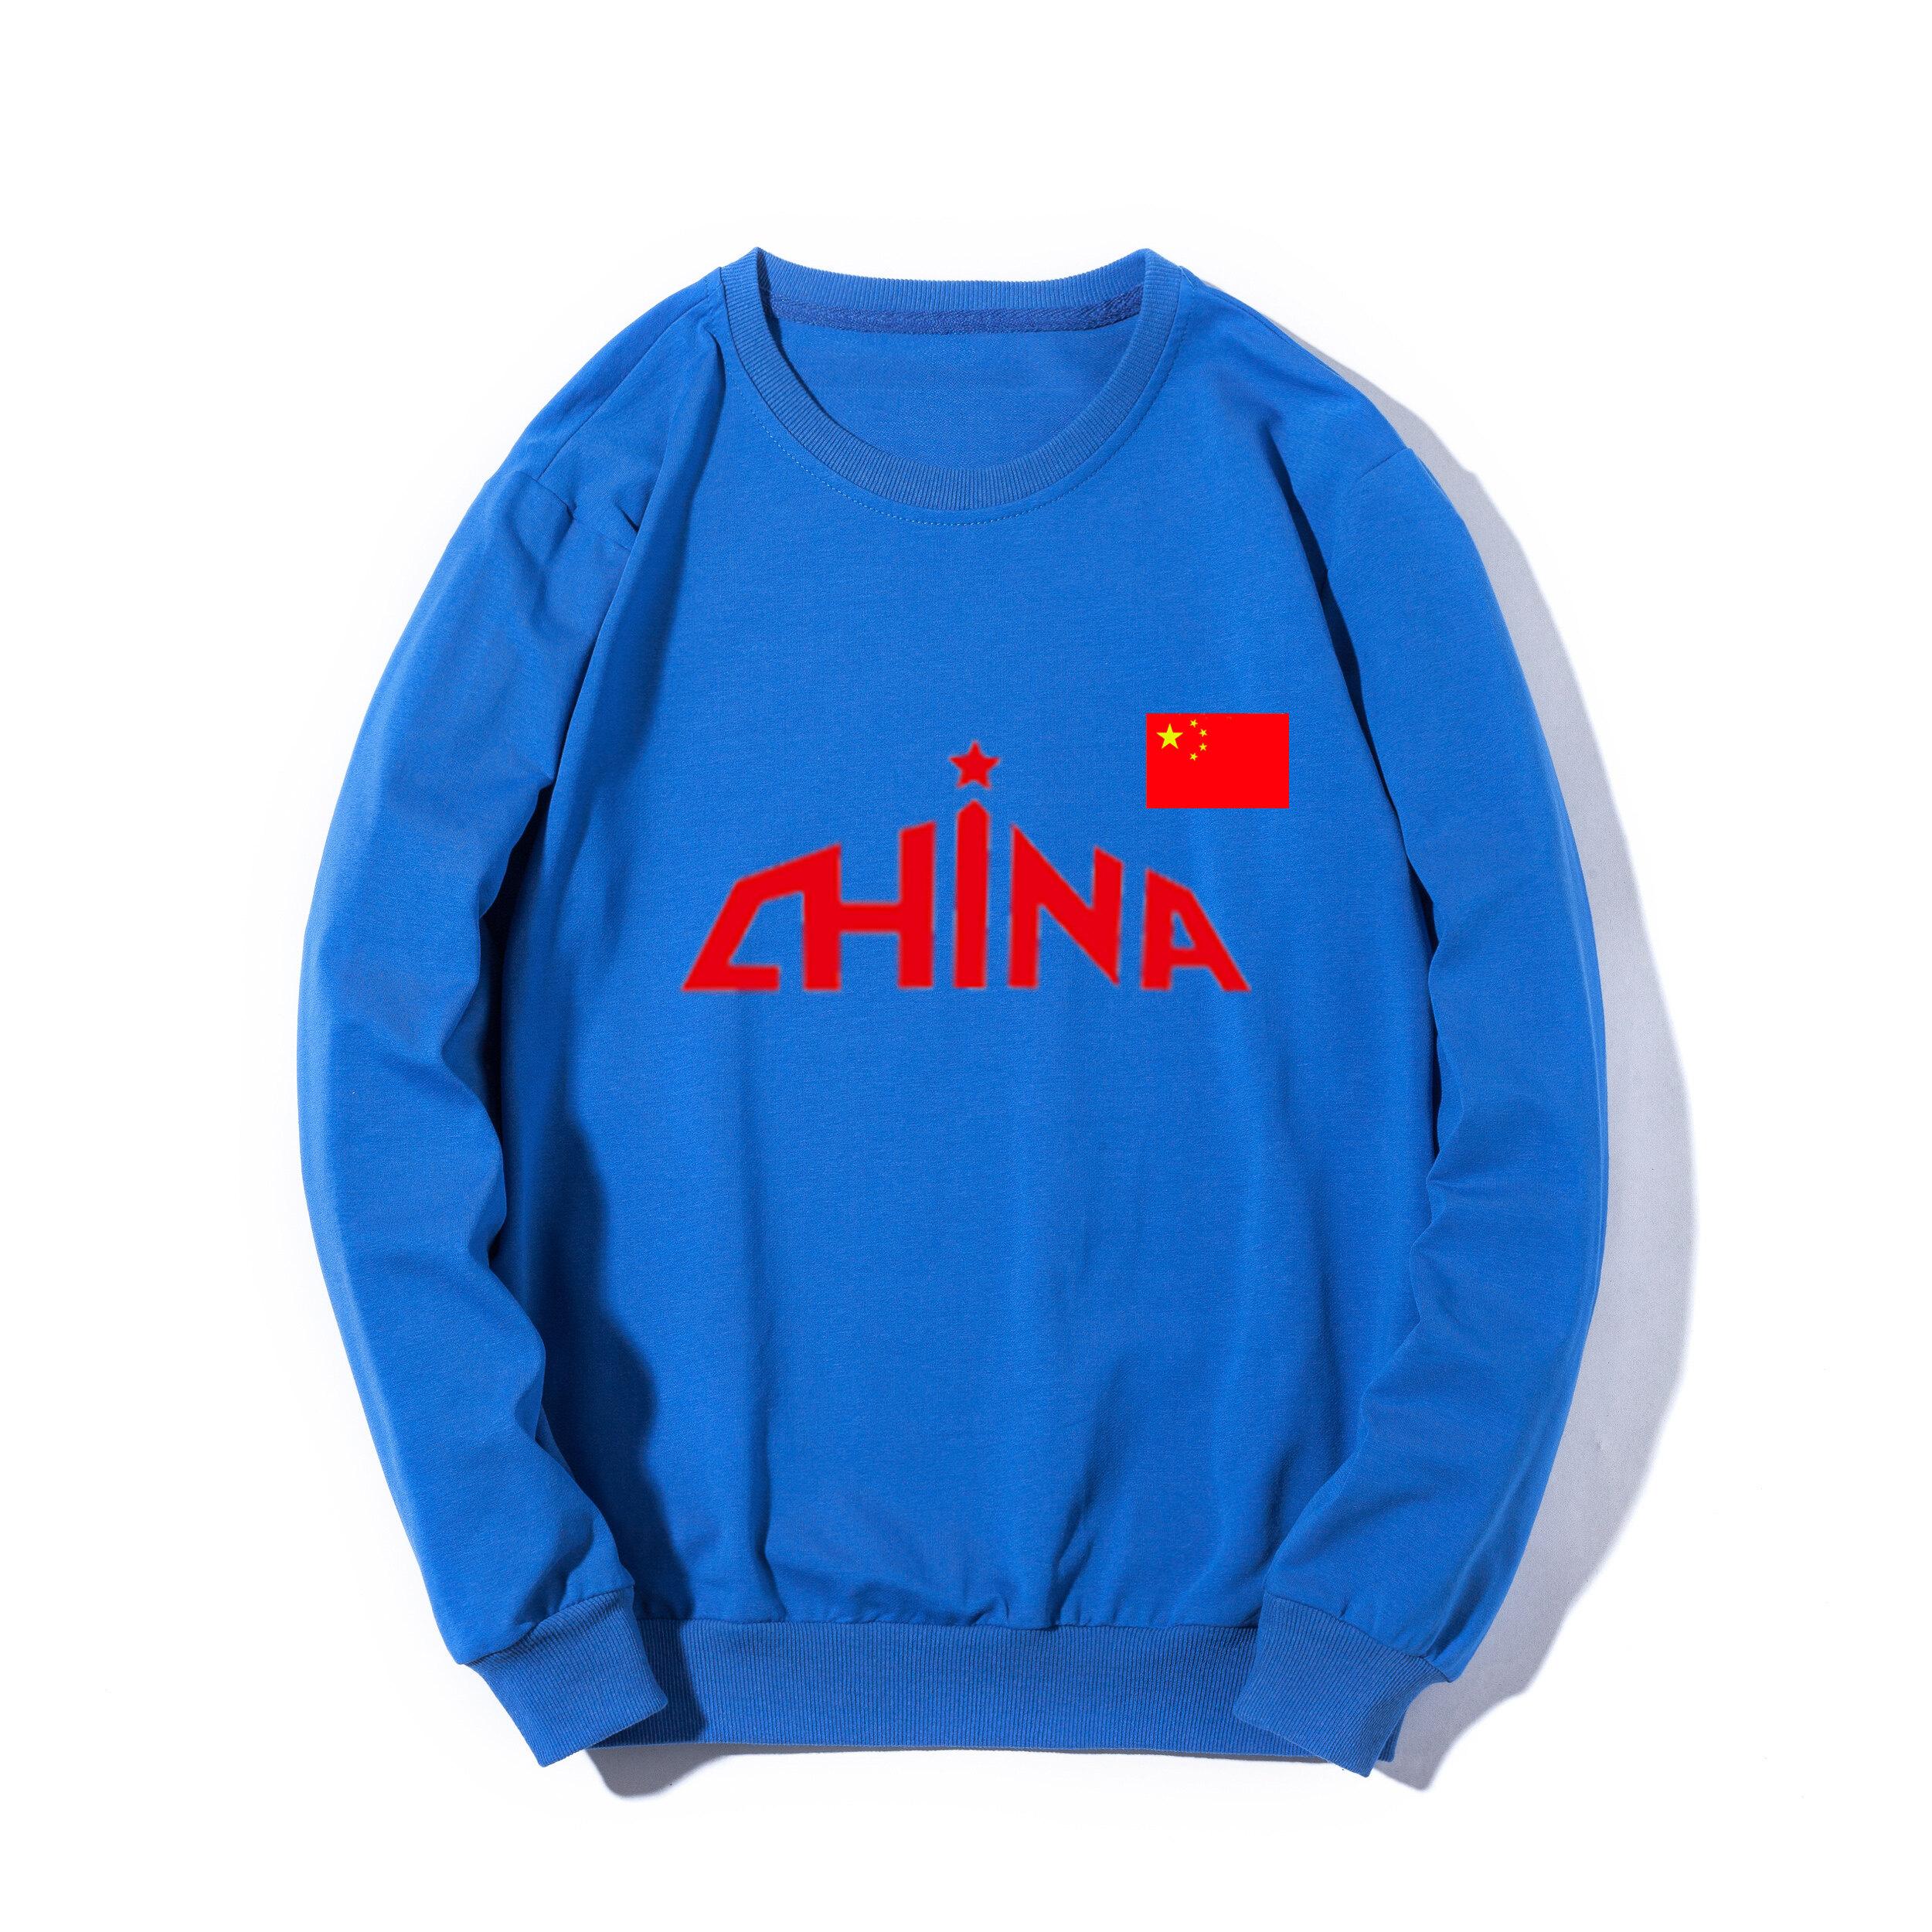 男士户外健身休闲运动圆领套头衫中国队五星红旗宽松舒适时尚百搭